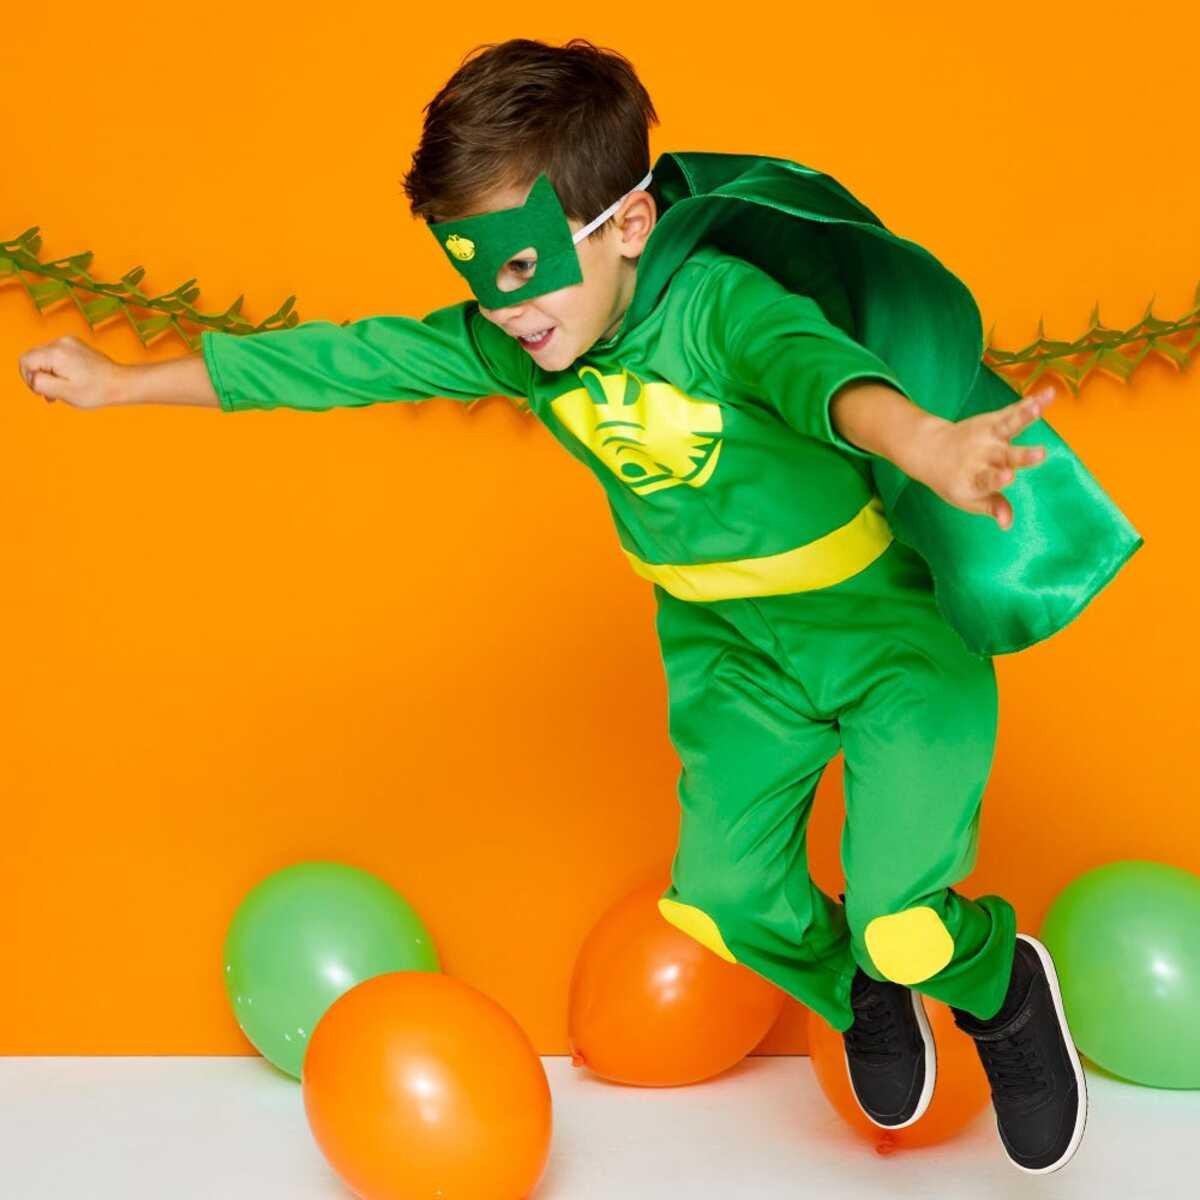 Bild 1 von Kinder-Superhelden-Kostüm mit Maske